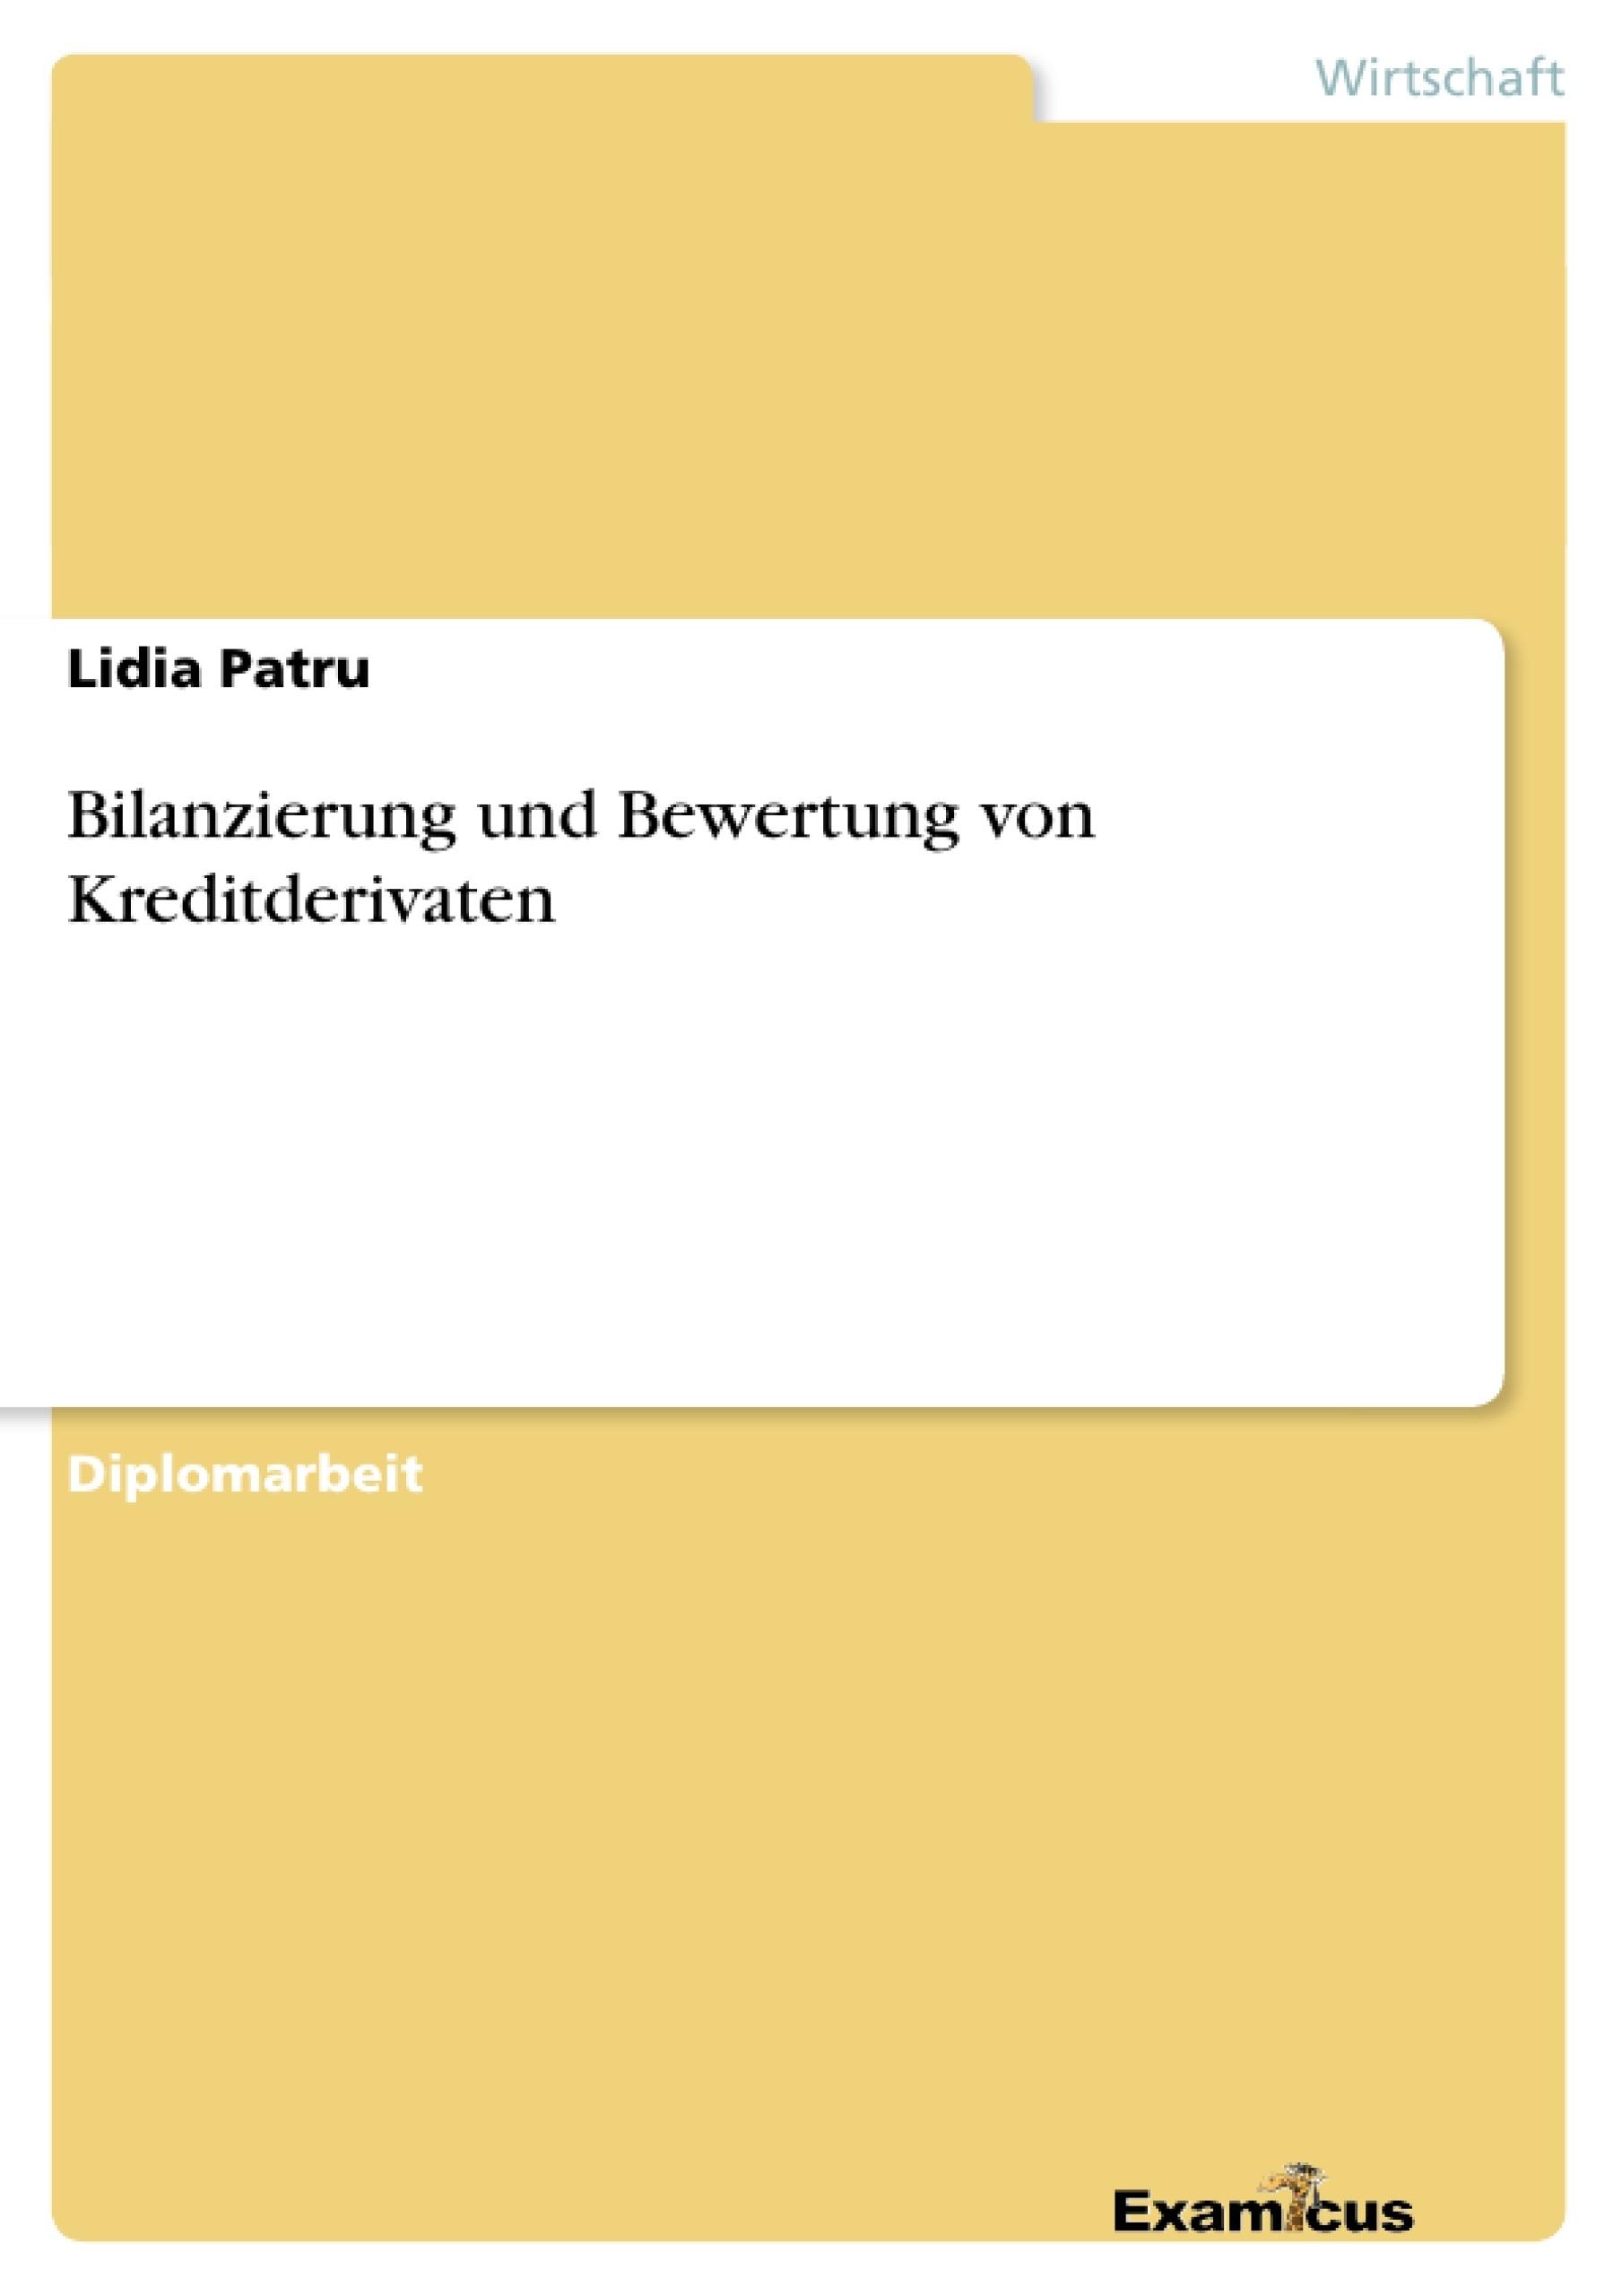 Titel: Bilanzierung und Bewertung von Kreditderivaten